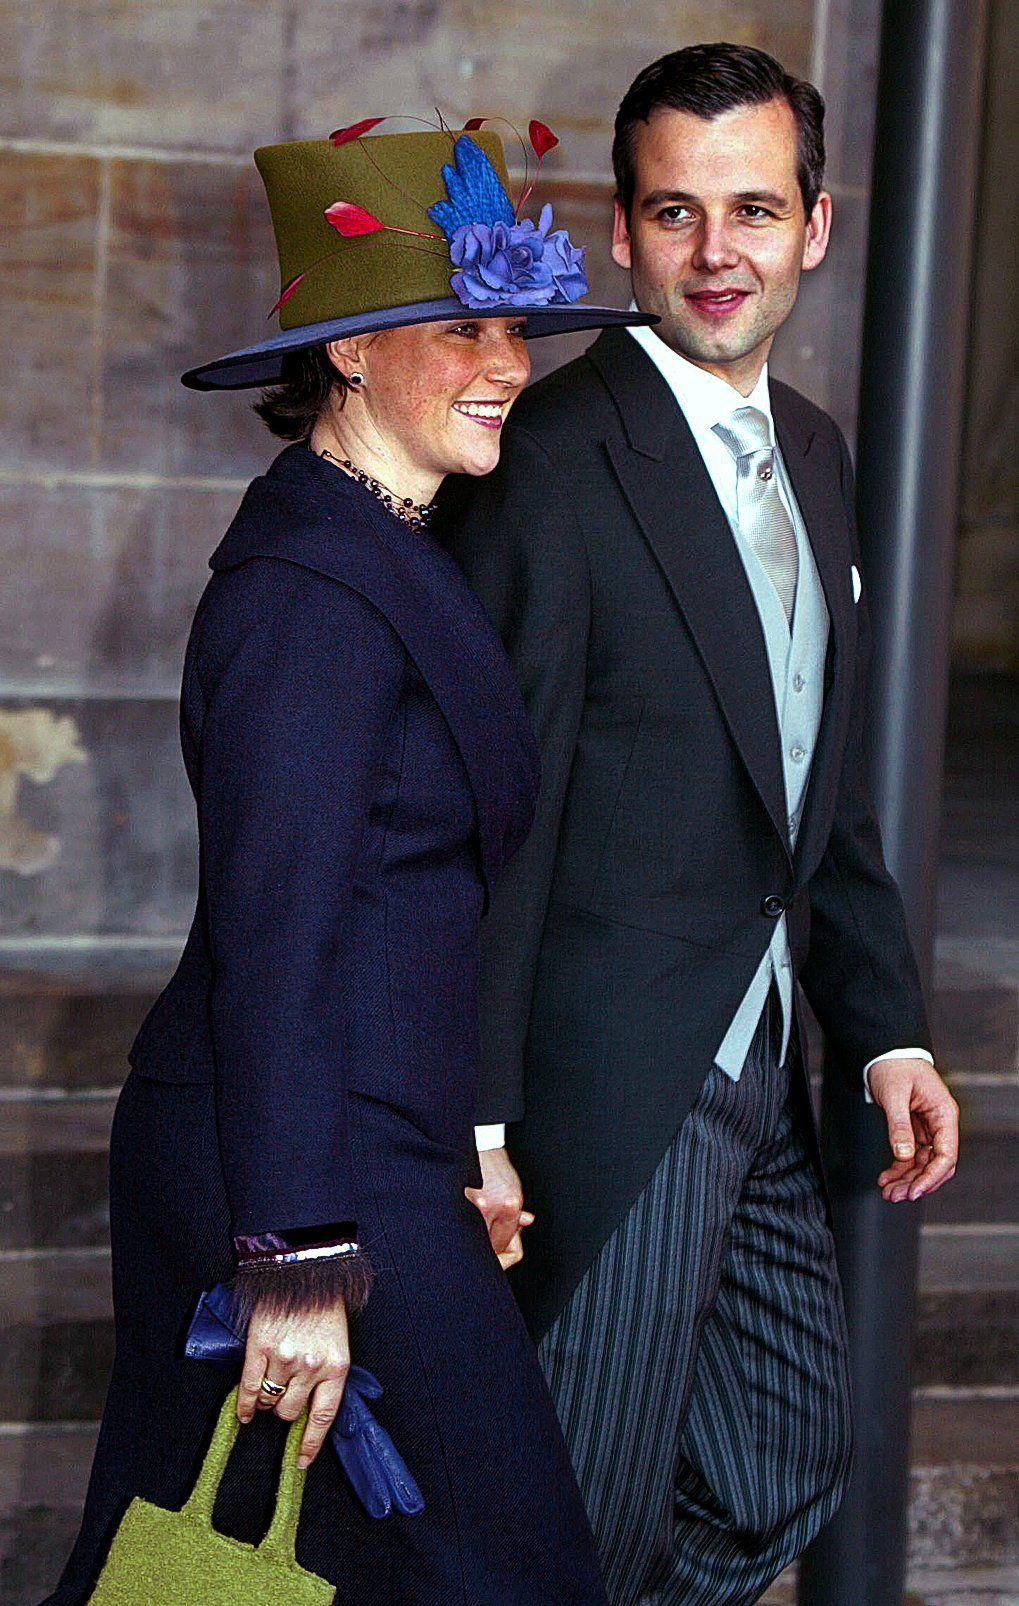 BRYLLUP: Prinsessen og Ari Behn i bryllupet til kronprins Willem-Alexander og prinsesse Maxima i Amsterdam, Nederland. De ble gift 2. februar 2002, samme år som Märtha Louise og Ari Behn.